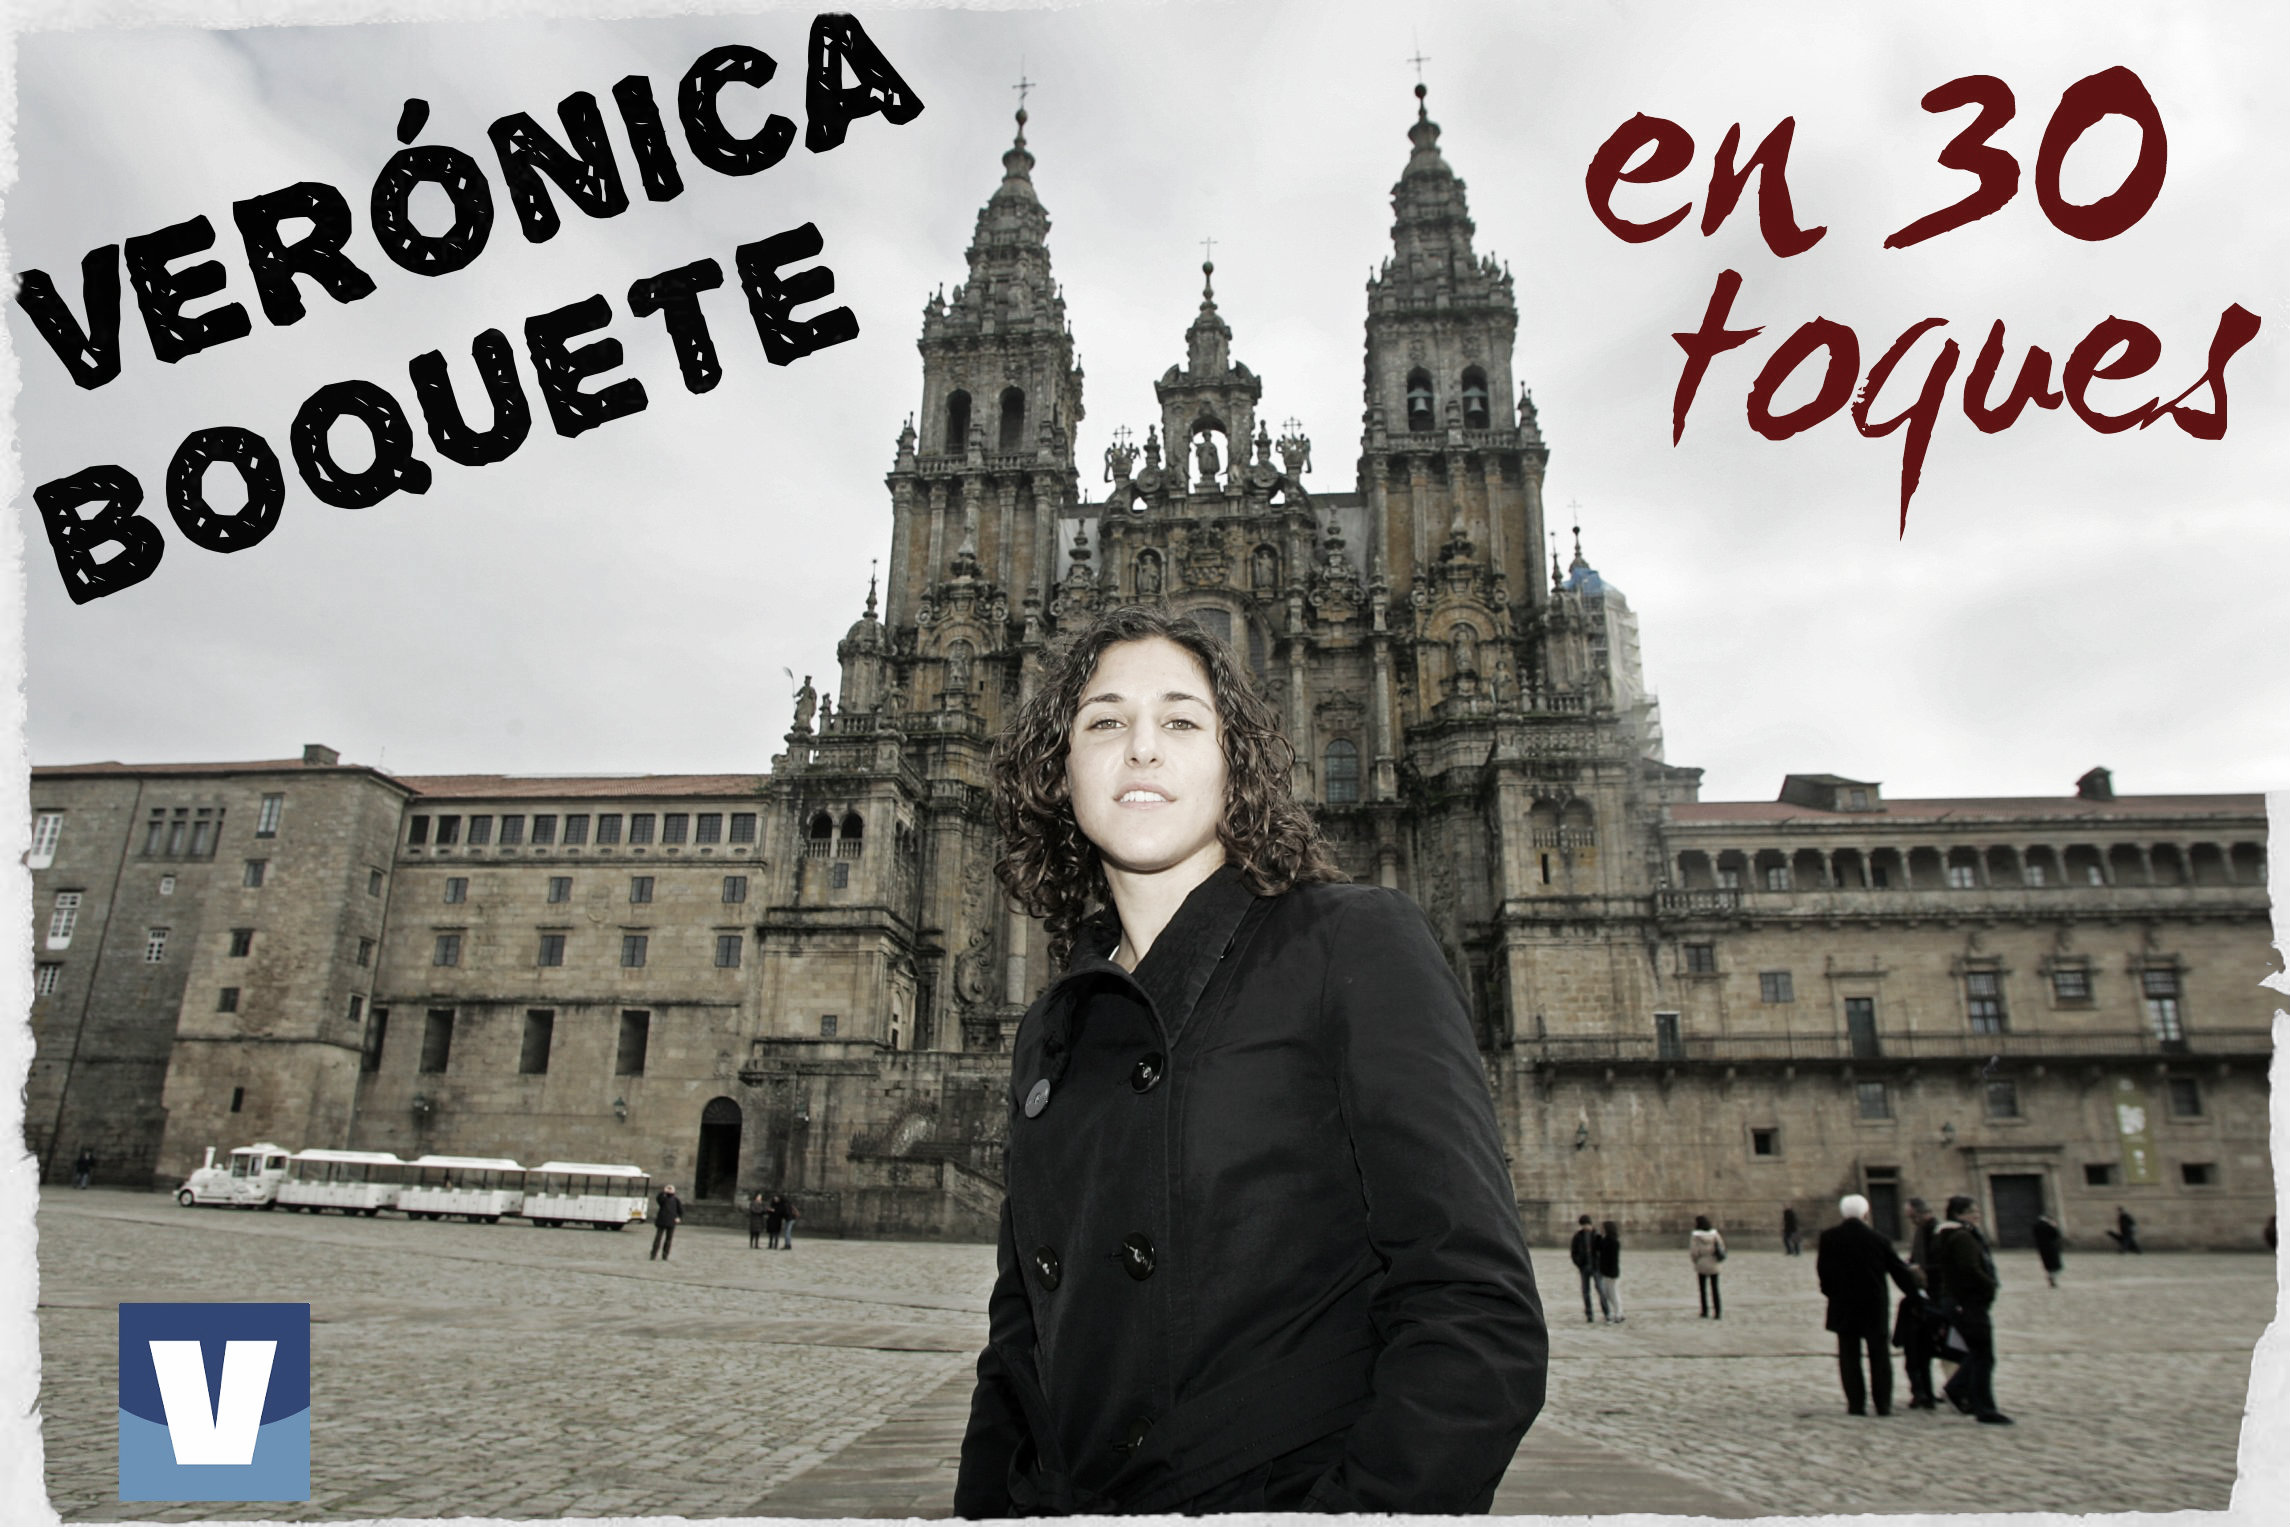 Verónica Boquete en 30 toques